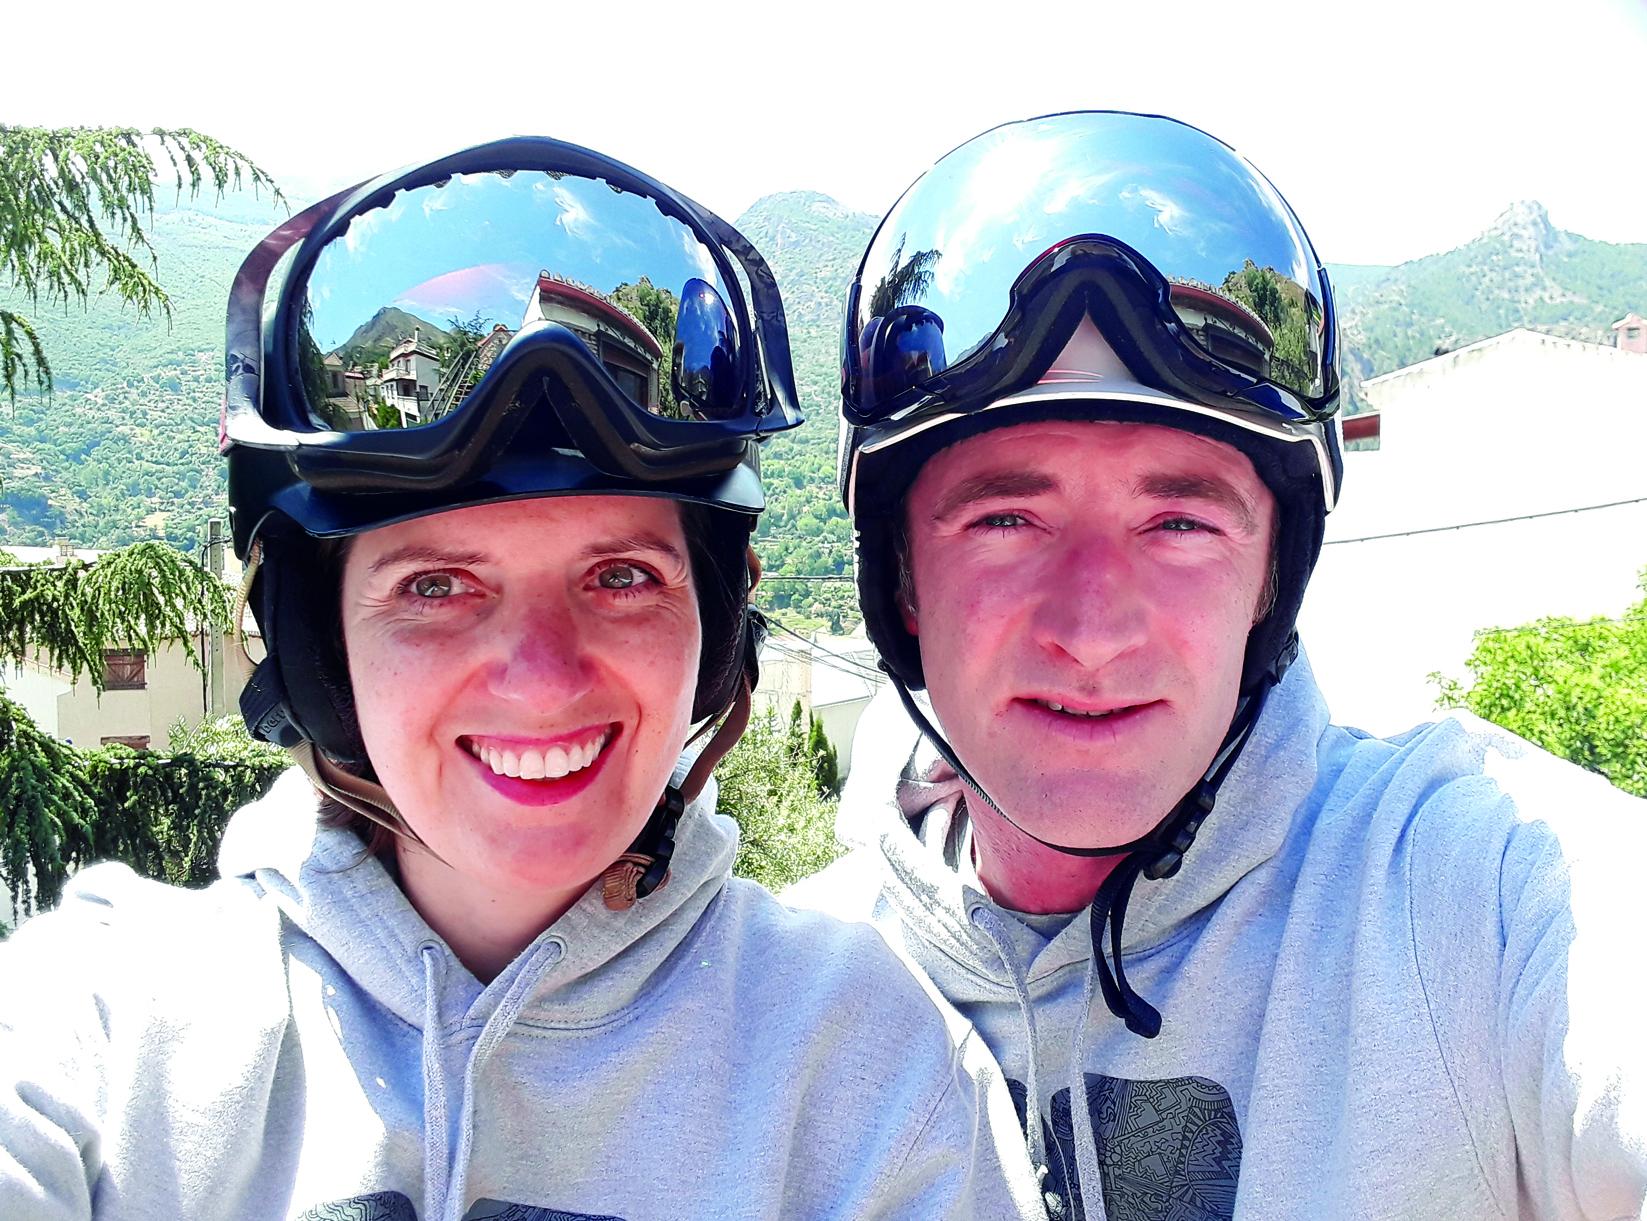 English Ski School Skiing Instructors